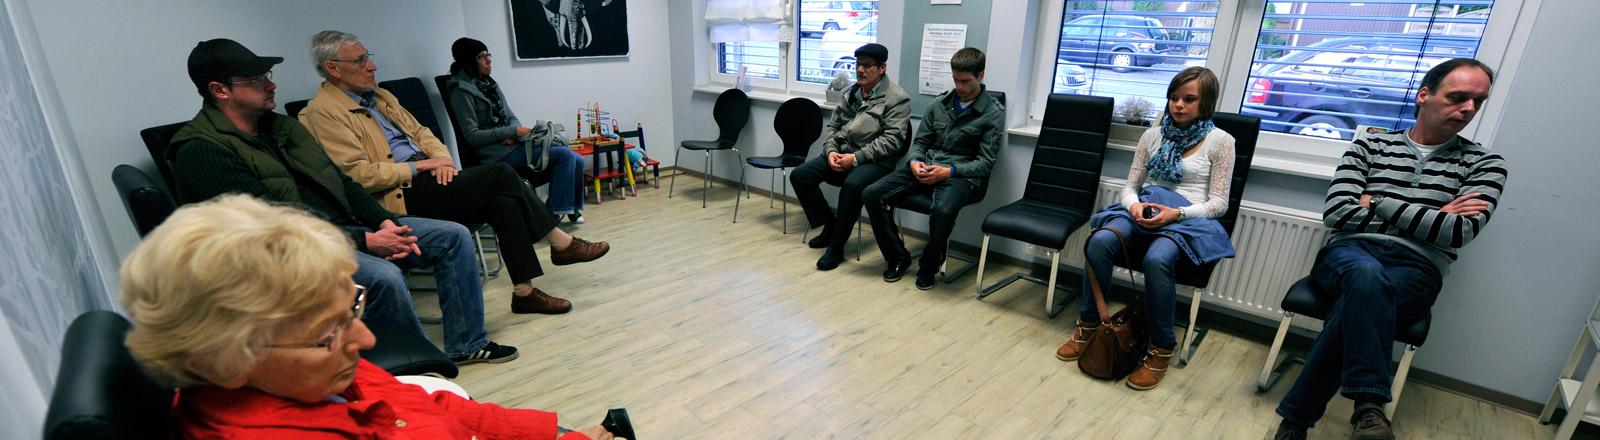 Acht Personen sitzen in einem Wartezimmer einer Praxis